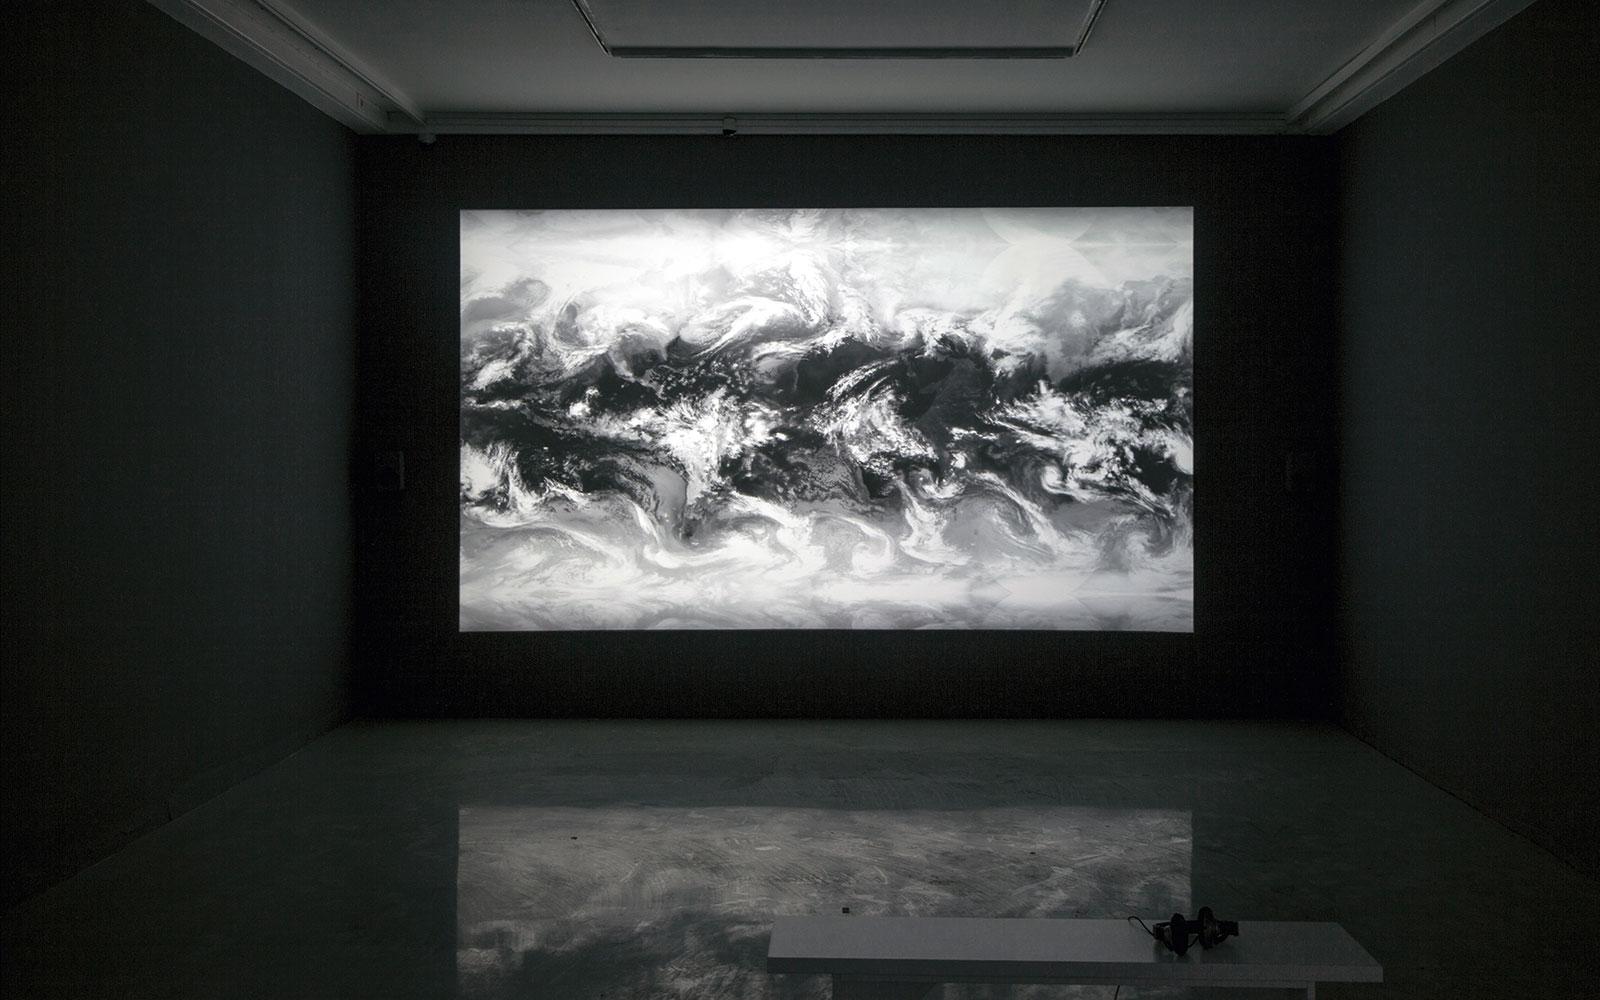 NACRT – Orijentisanje u savremenoj novomedijskoj umetnosti